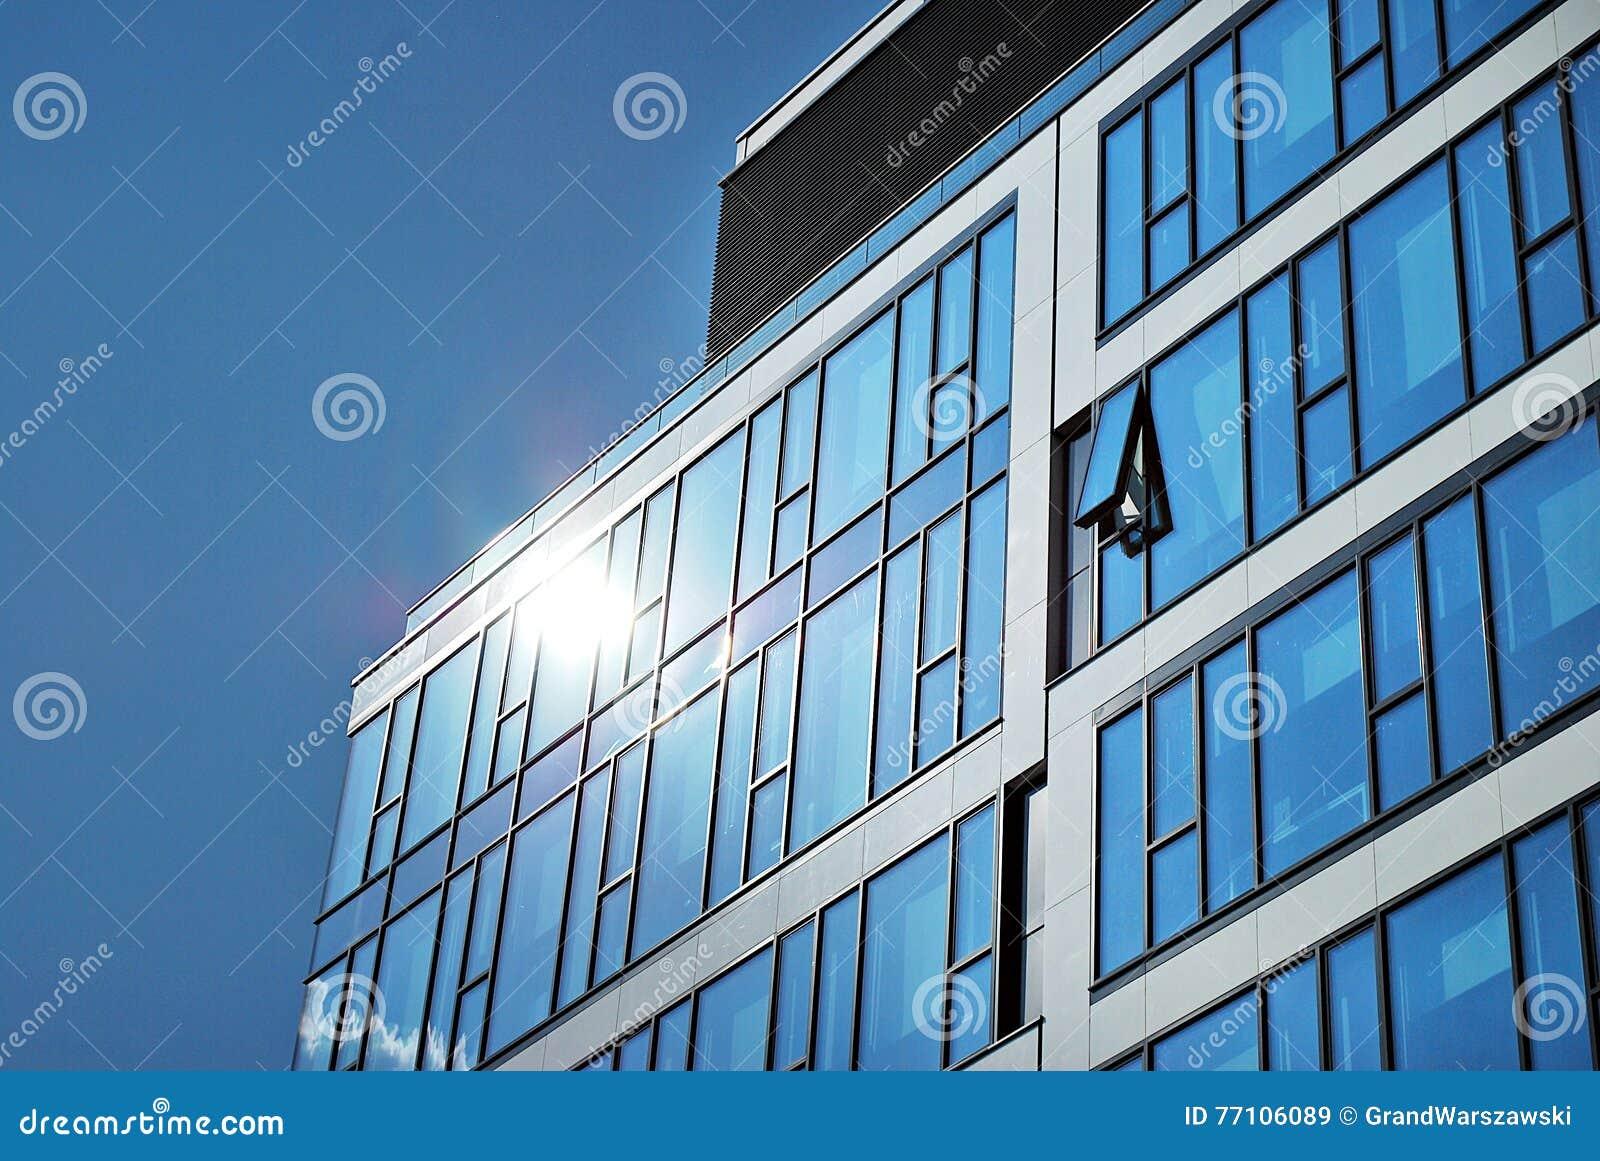 маленькое помещение стеклянный фасад картинка этом варианте девушка